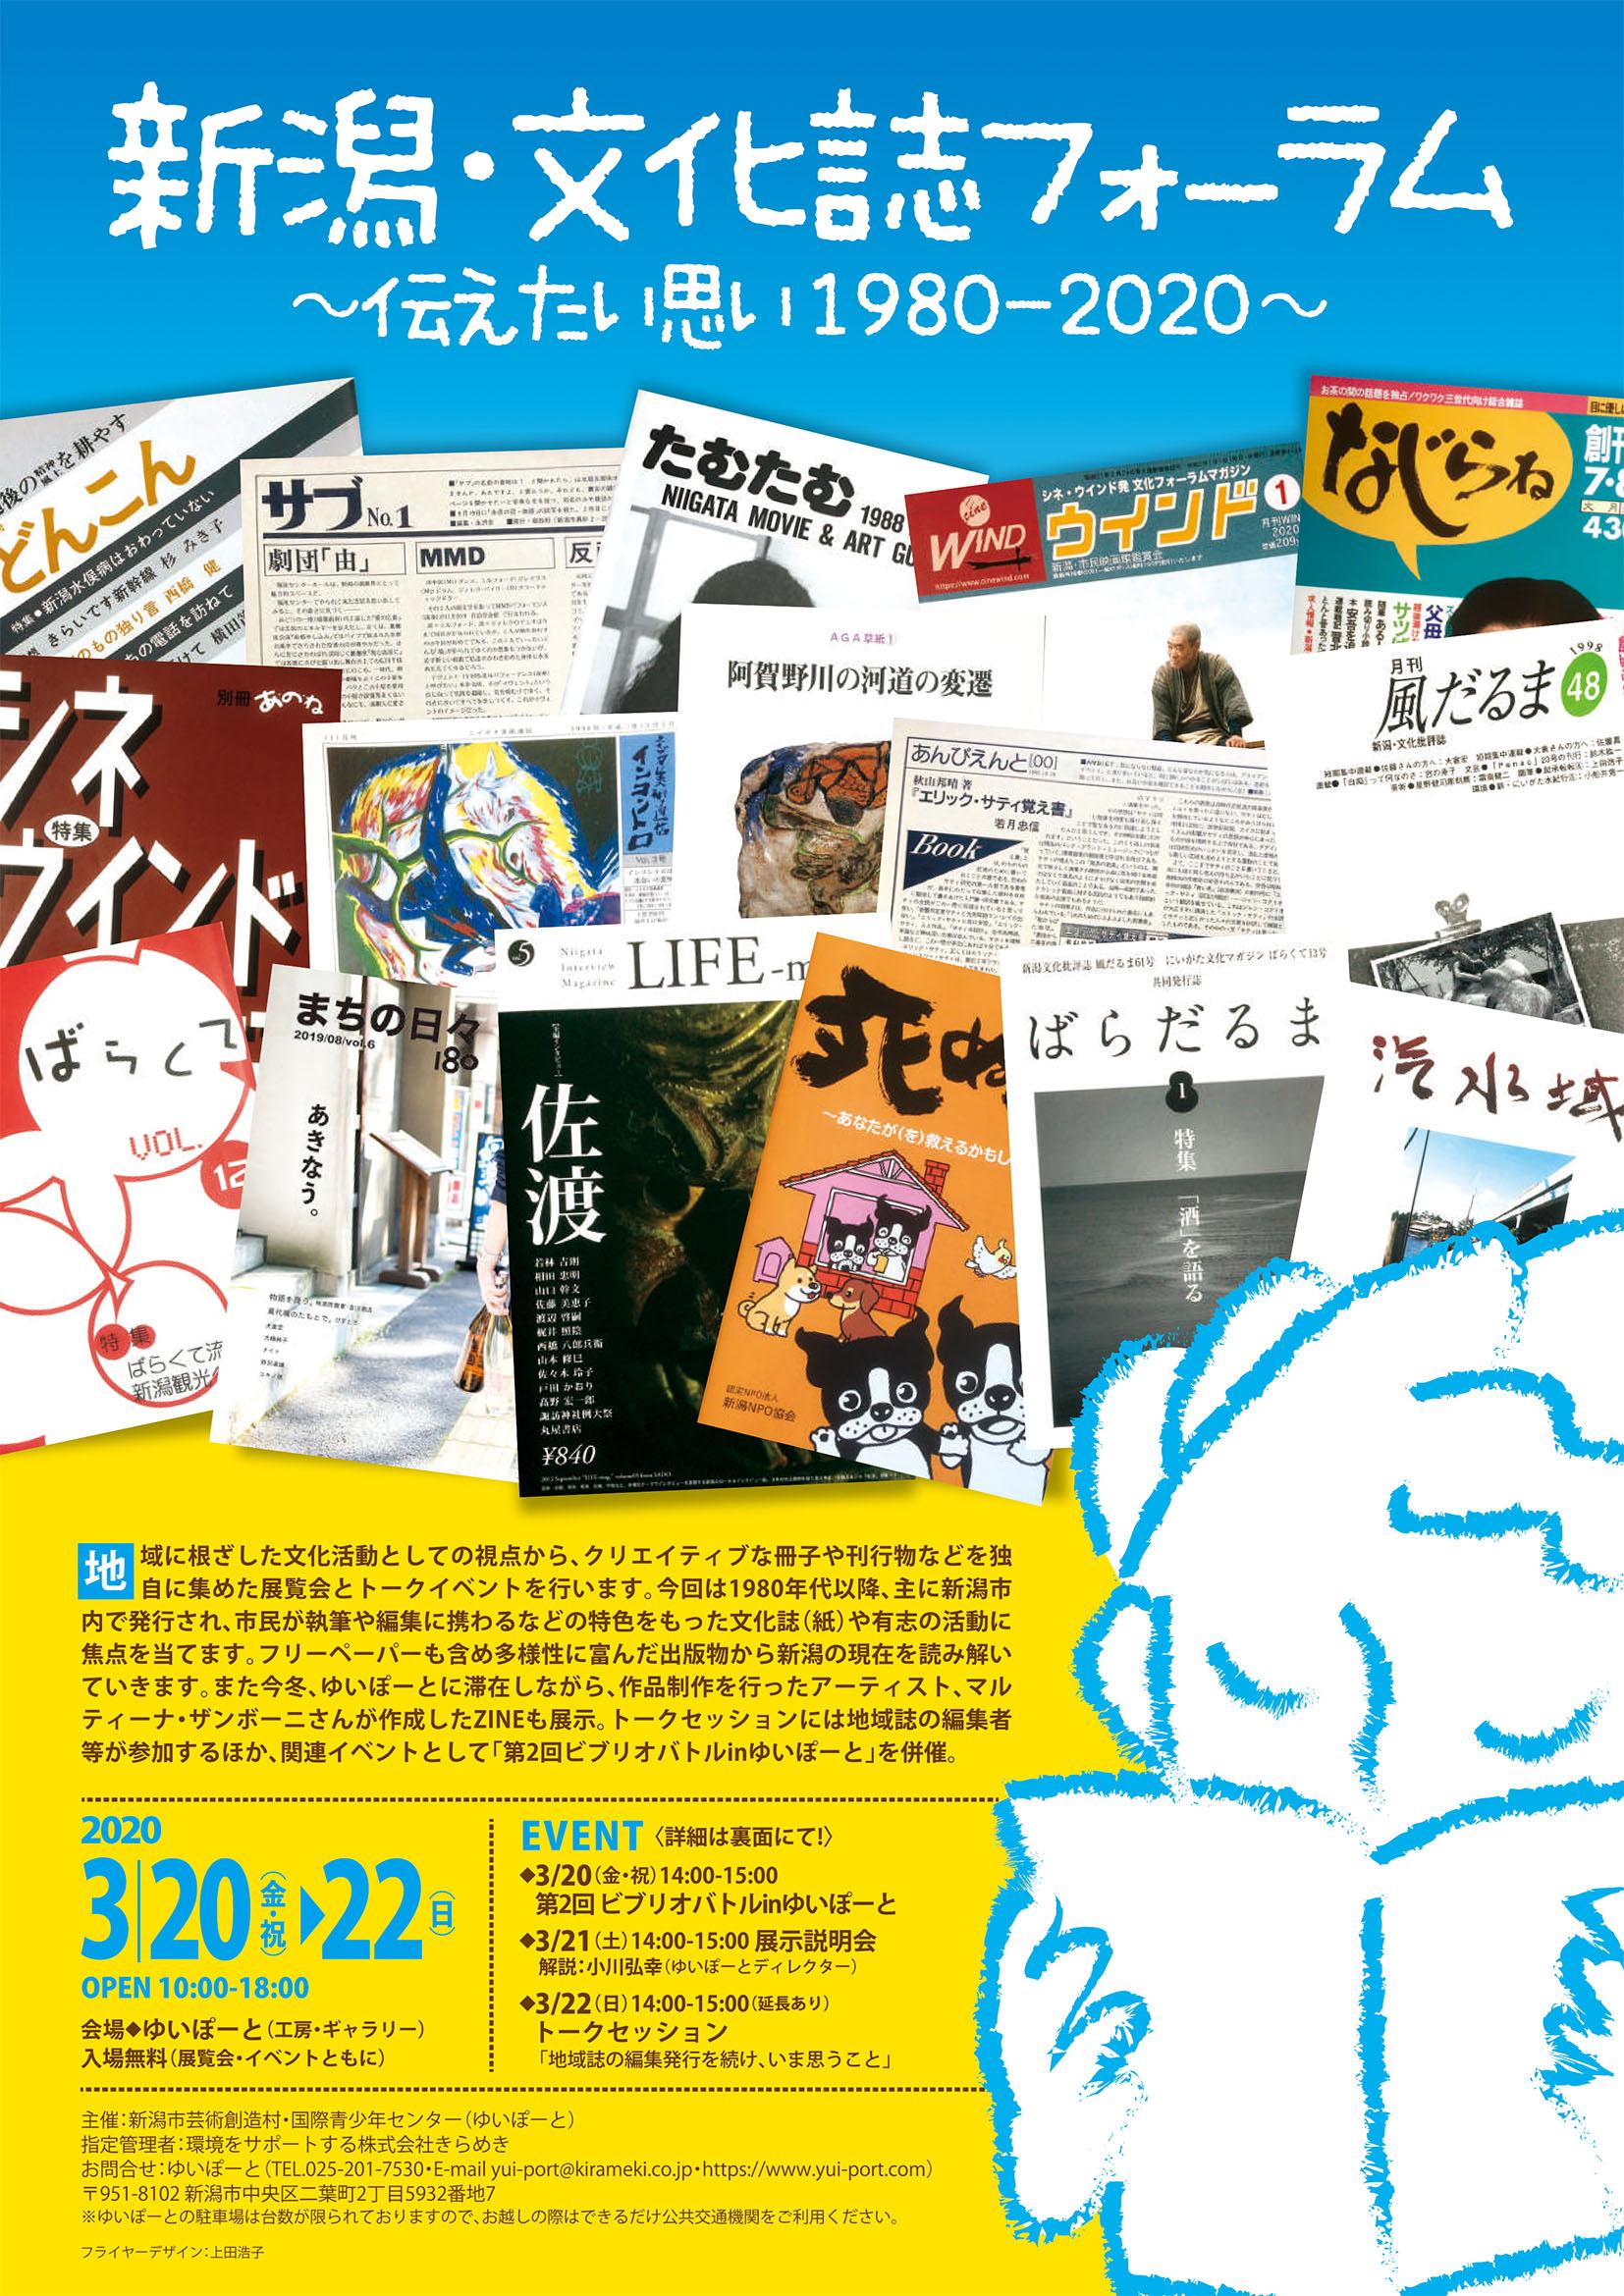 【新潟・文化誌フォーラム】月刊ウインドが展示されます